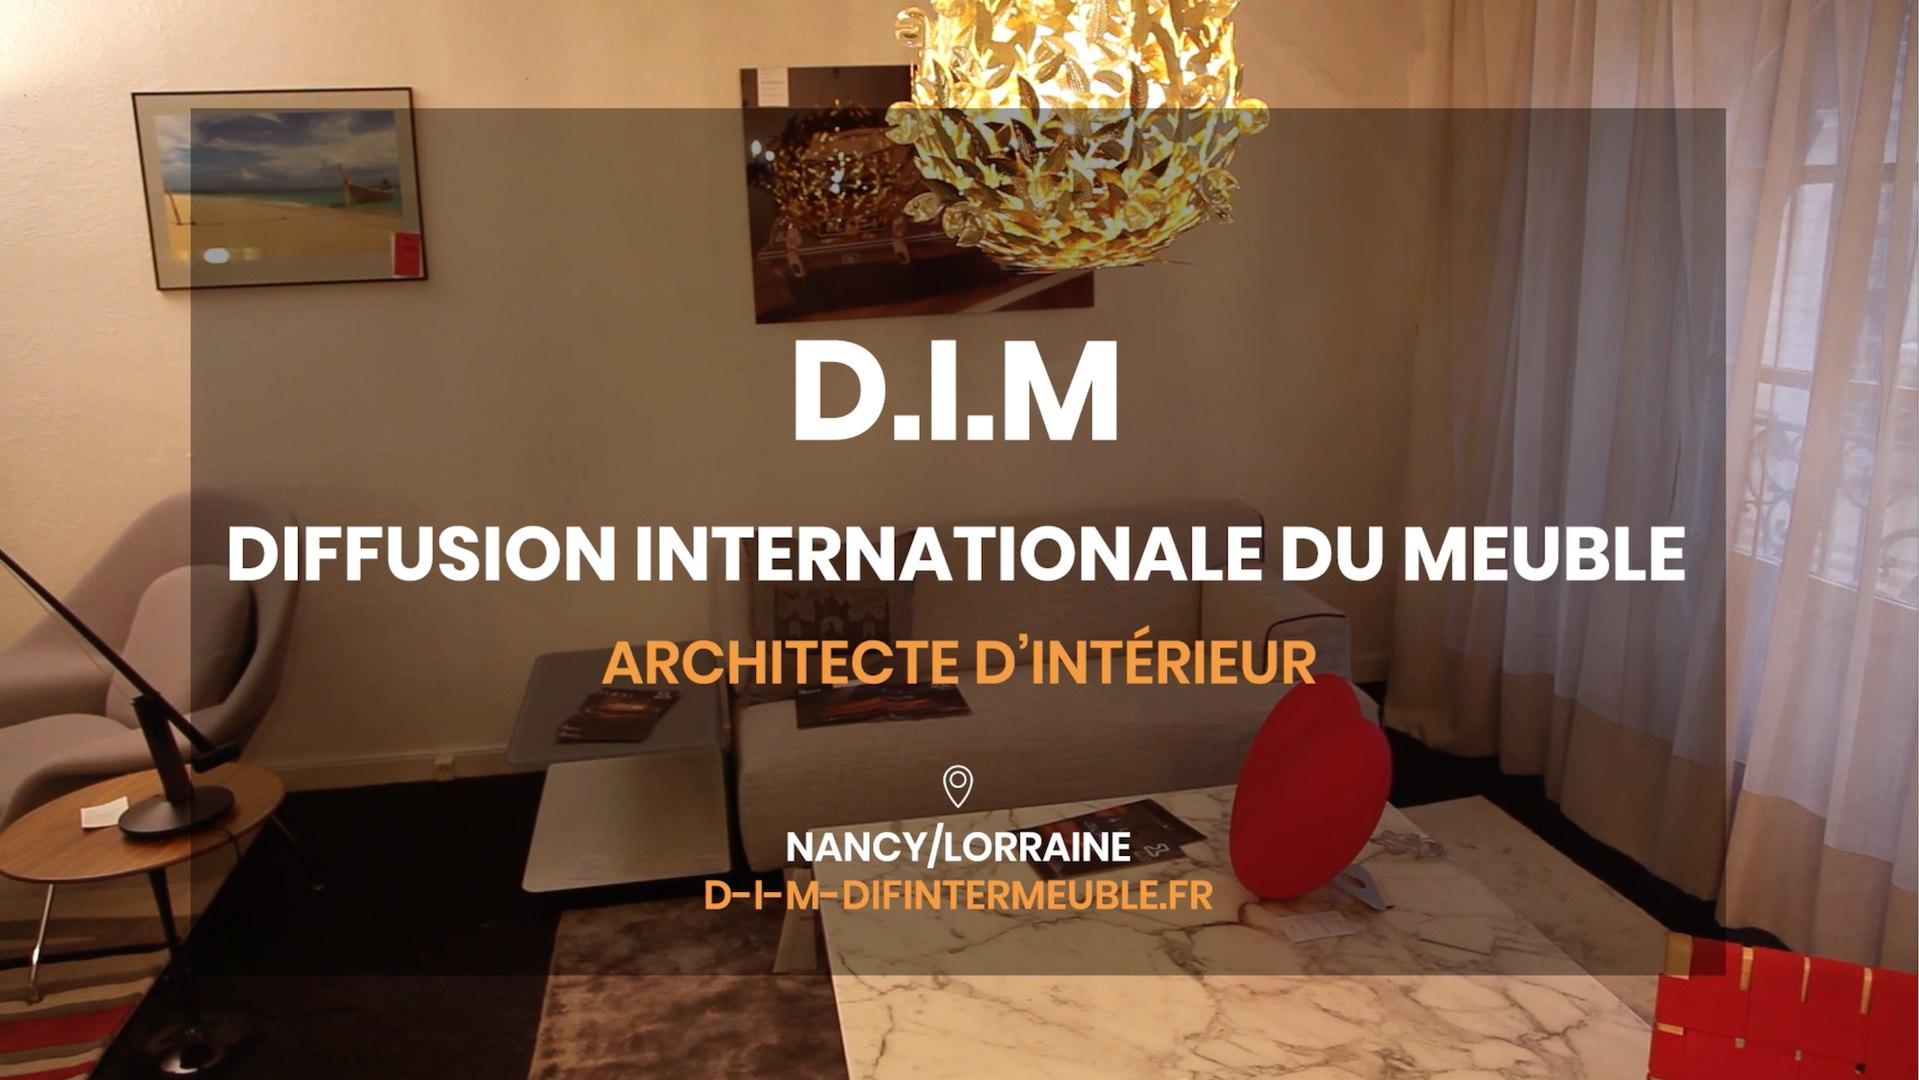 Architecte D Intérieur Auray d.i.m, diffusion internationale du meuble - mobilier contemporain,  architecte d'intérieur à nancy